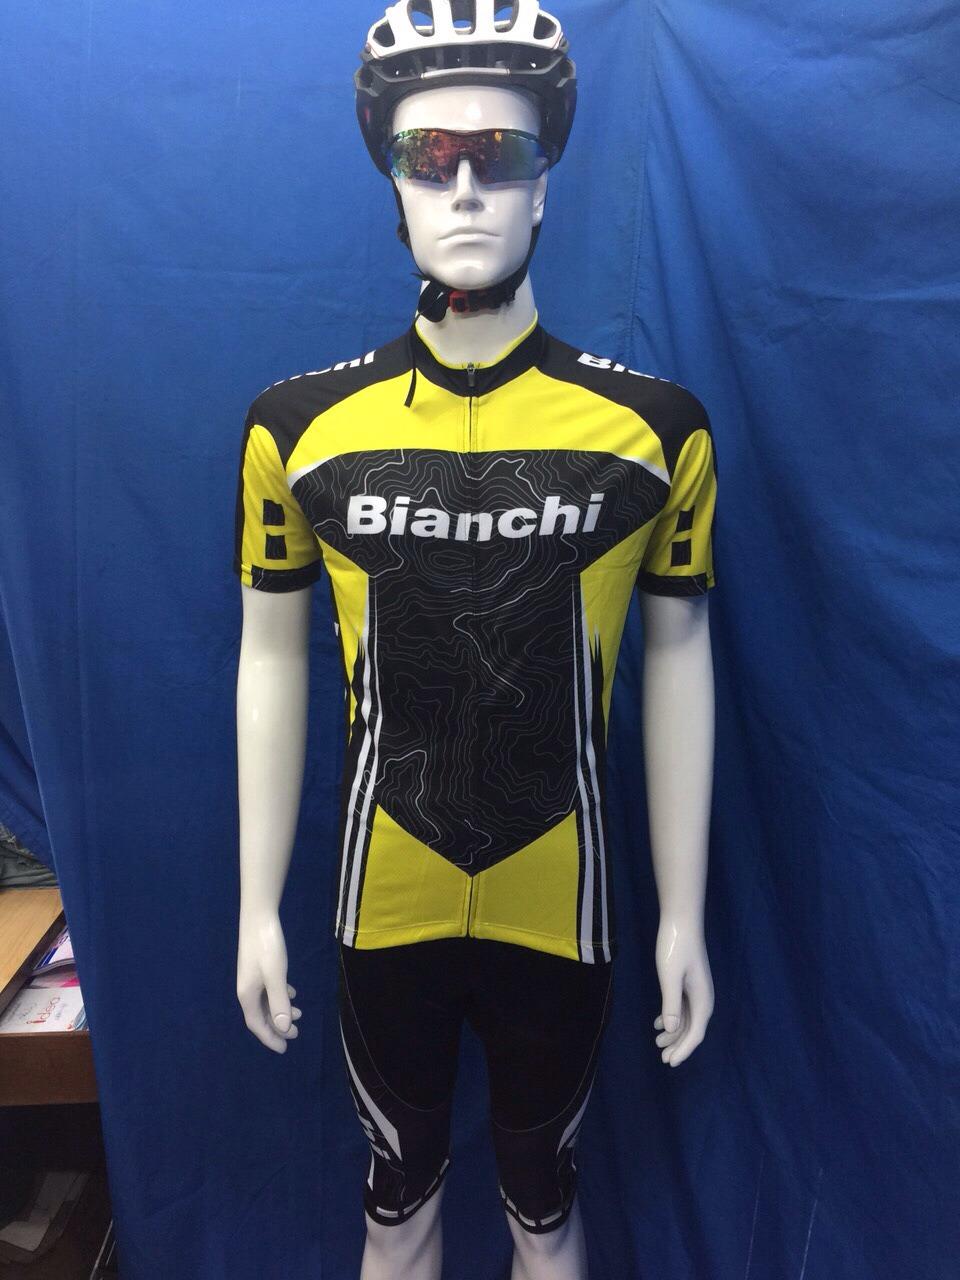 ชุดปั่นจักรยานแขนสั้น BIANCHI เหลืองดำ (แอดไลน์ @pinpinbike ใส่ @ ข้างหน้าด้วยนะคะ)